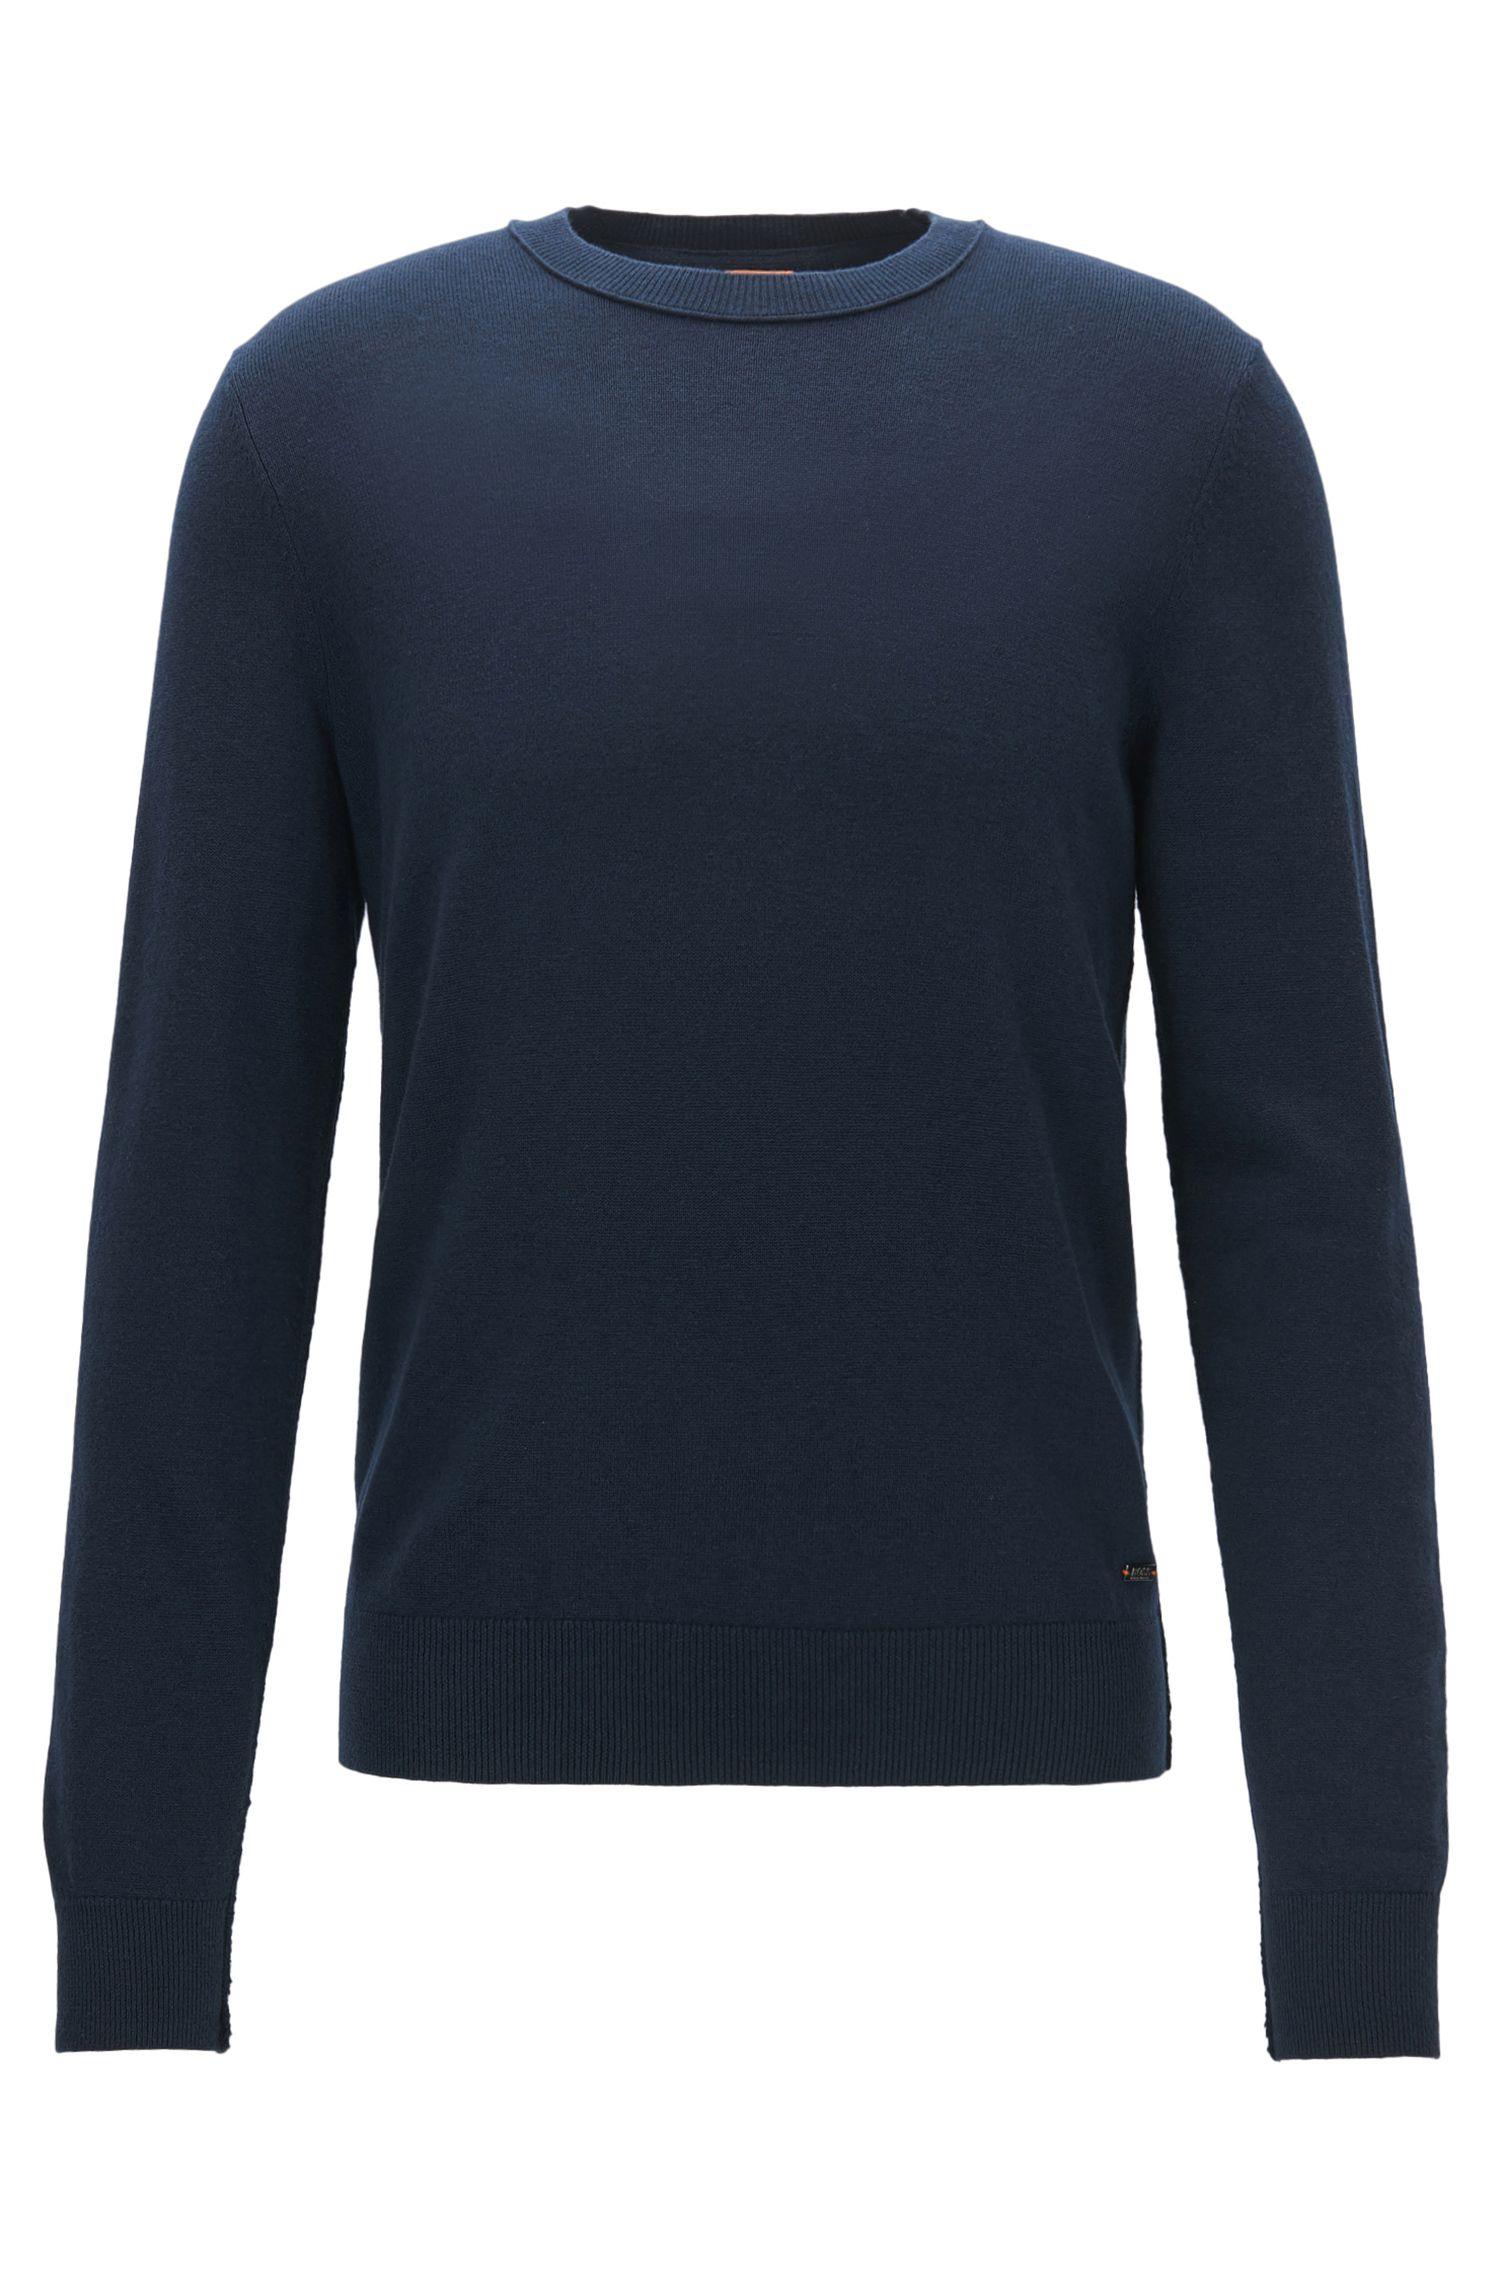 Pullover aus leichtem Baumwoll-Mix mit Woll-Anteil und offenen Kanten